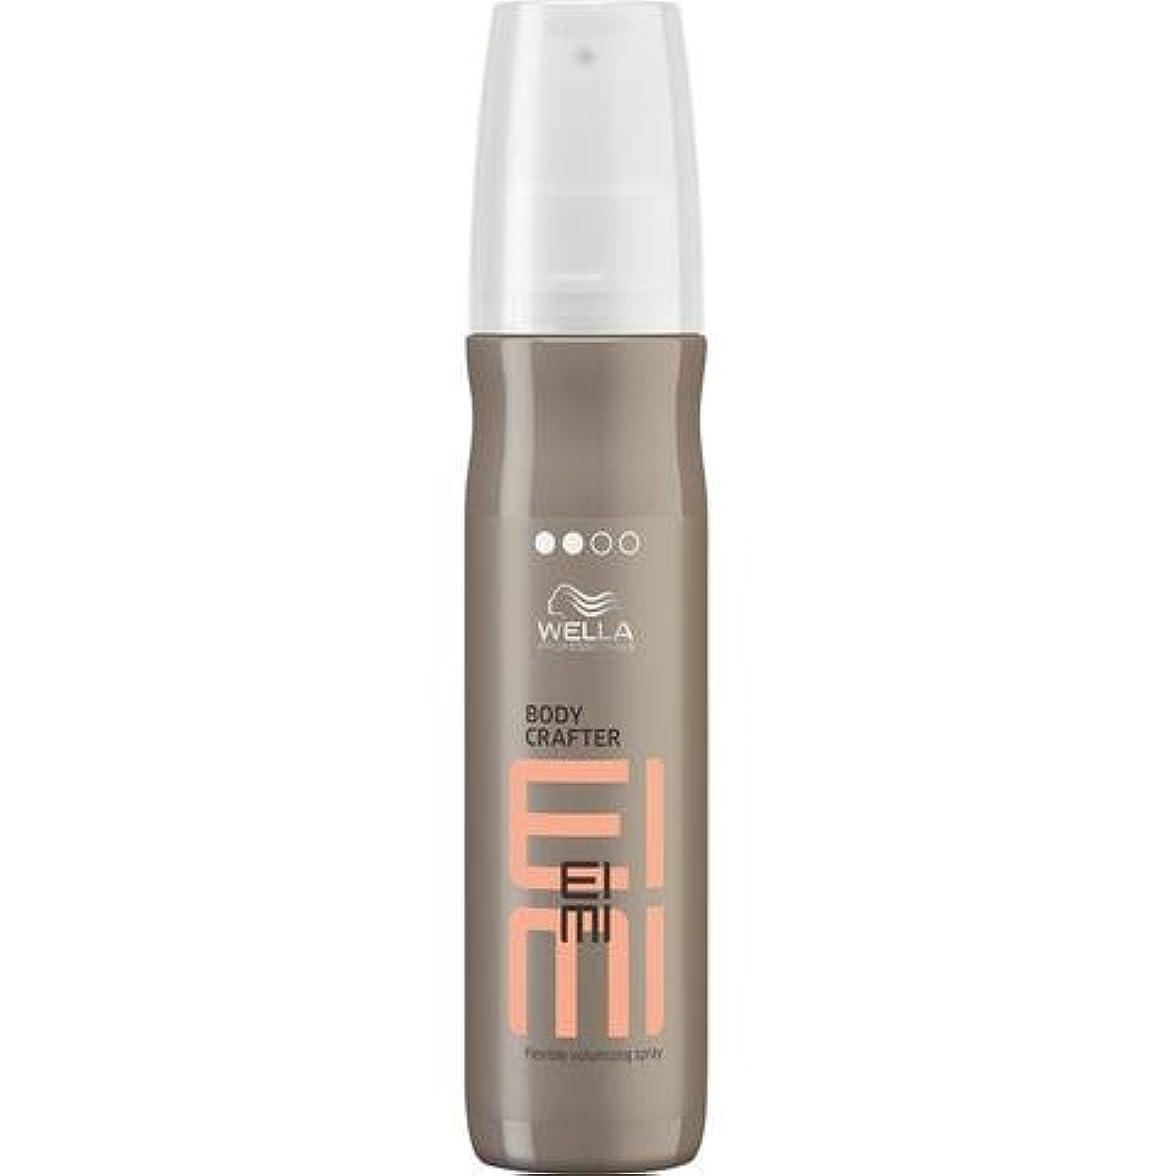 化学薬品円形授業料Wella EIMI Body Crafter Flexible Volumising Spray 150 ml [並行輸入品]